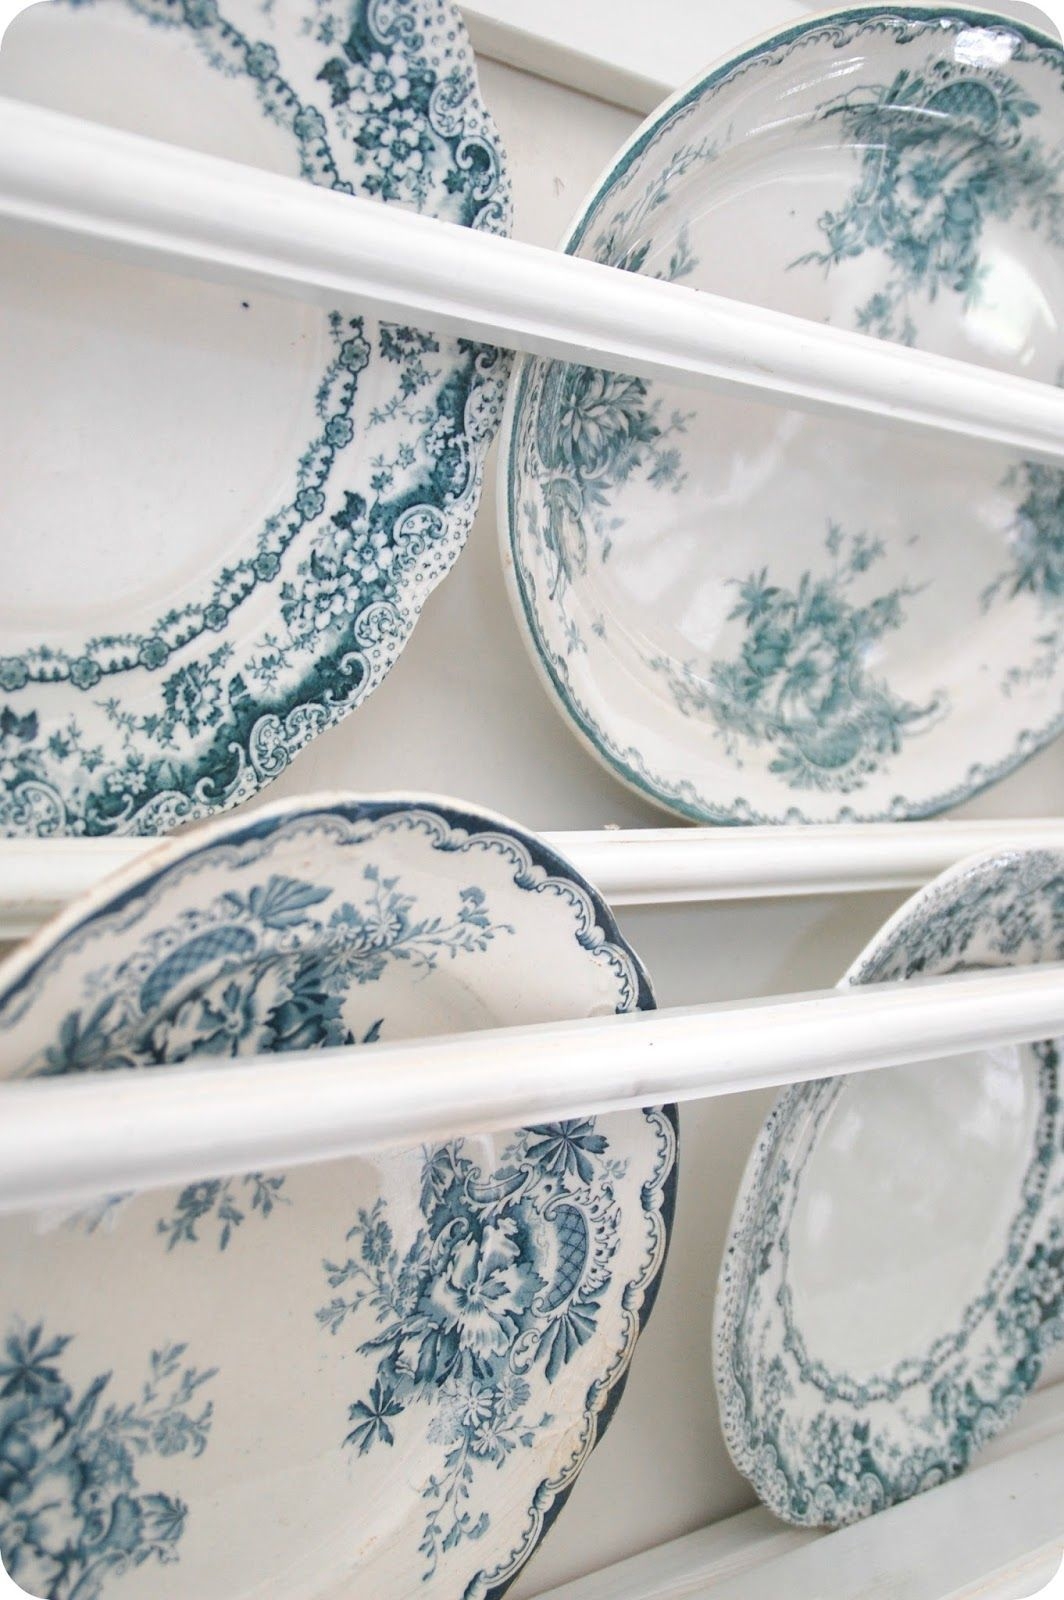 Toves Sammensurium: Skal det være noen kilo... Blue & White Vintage plates!